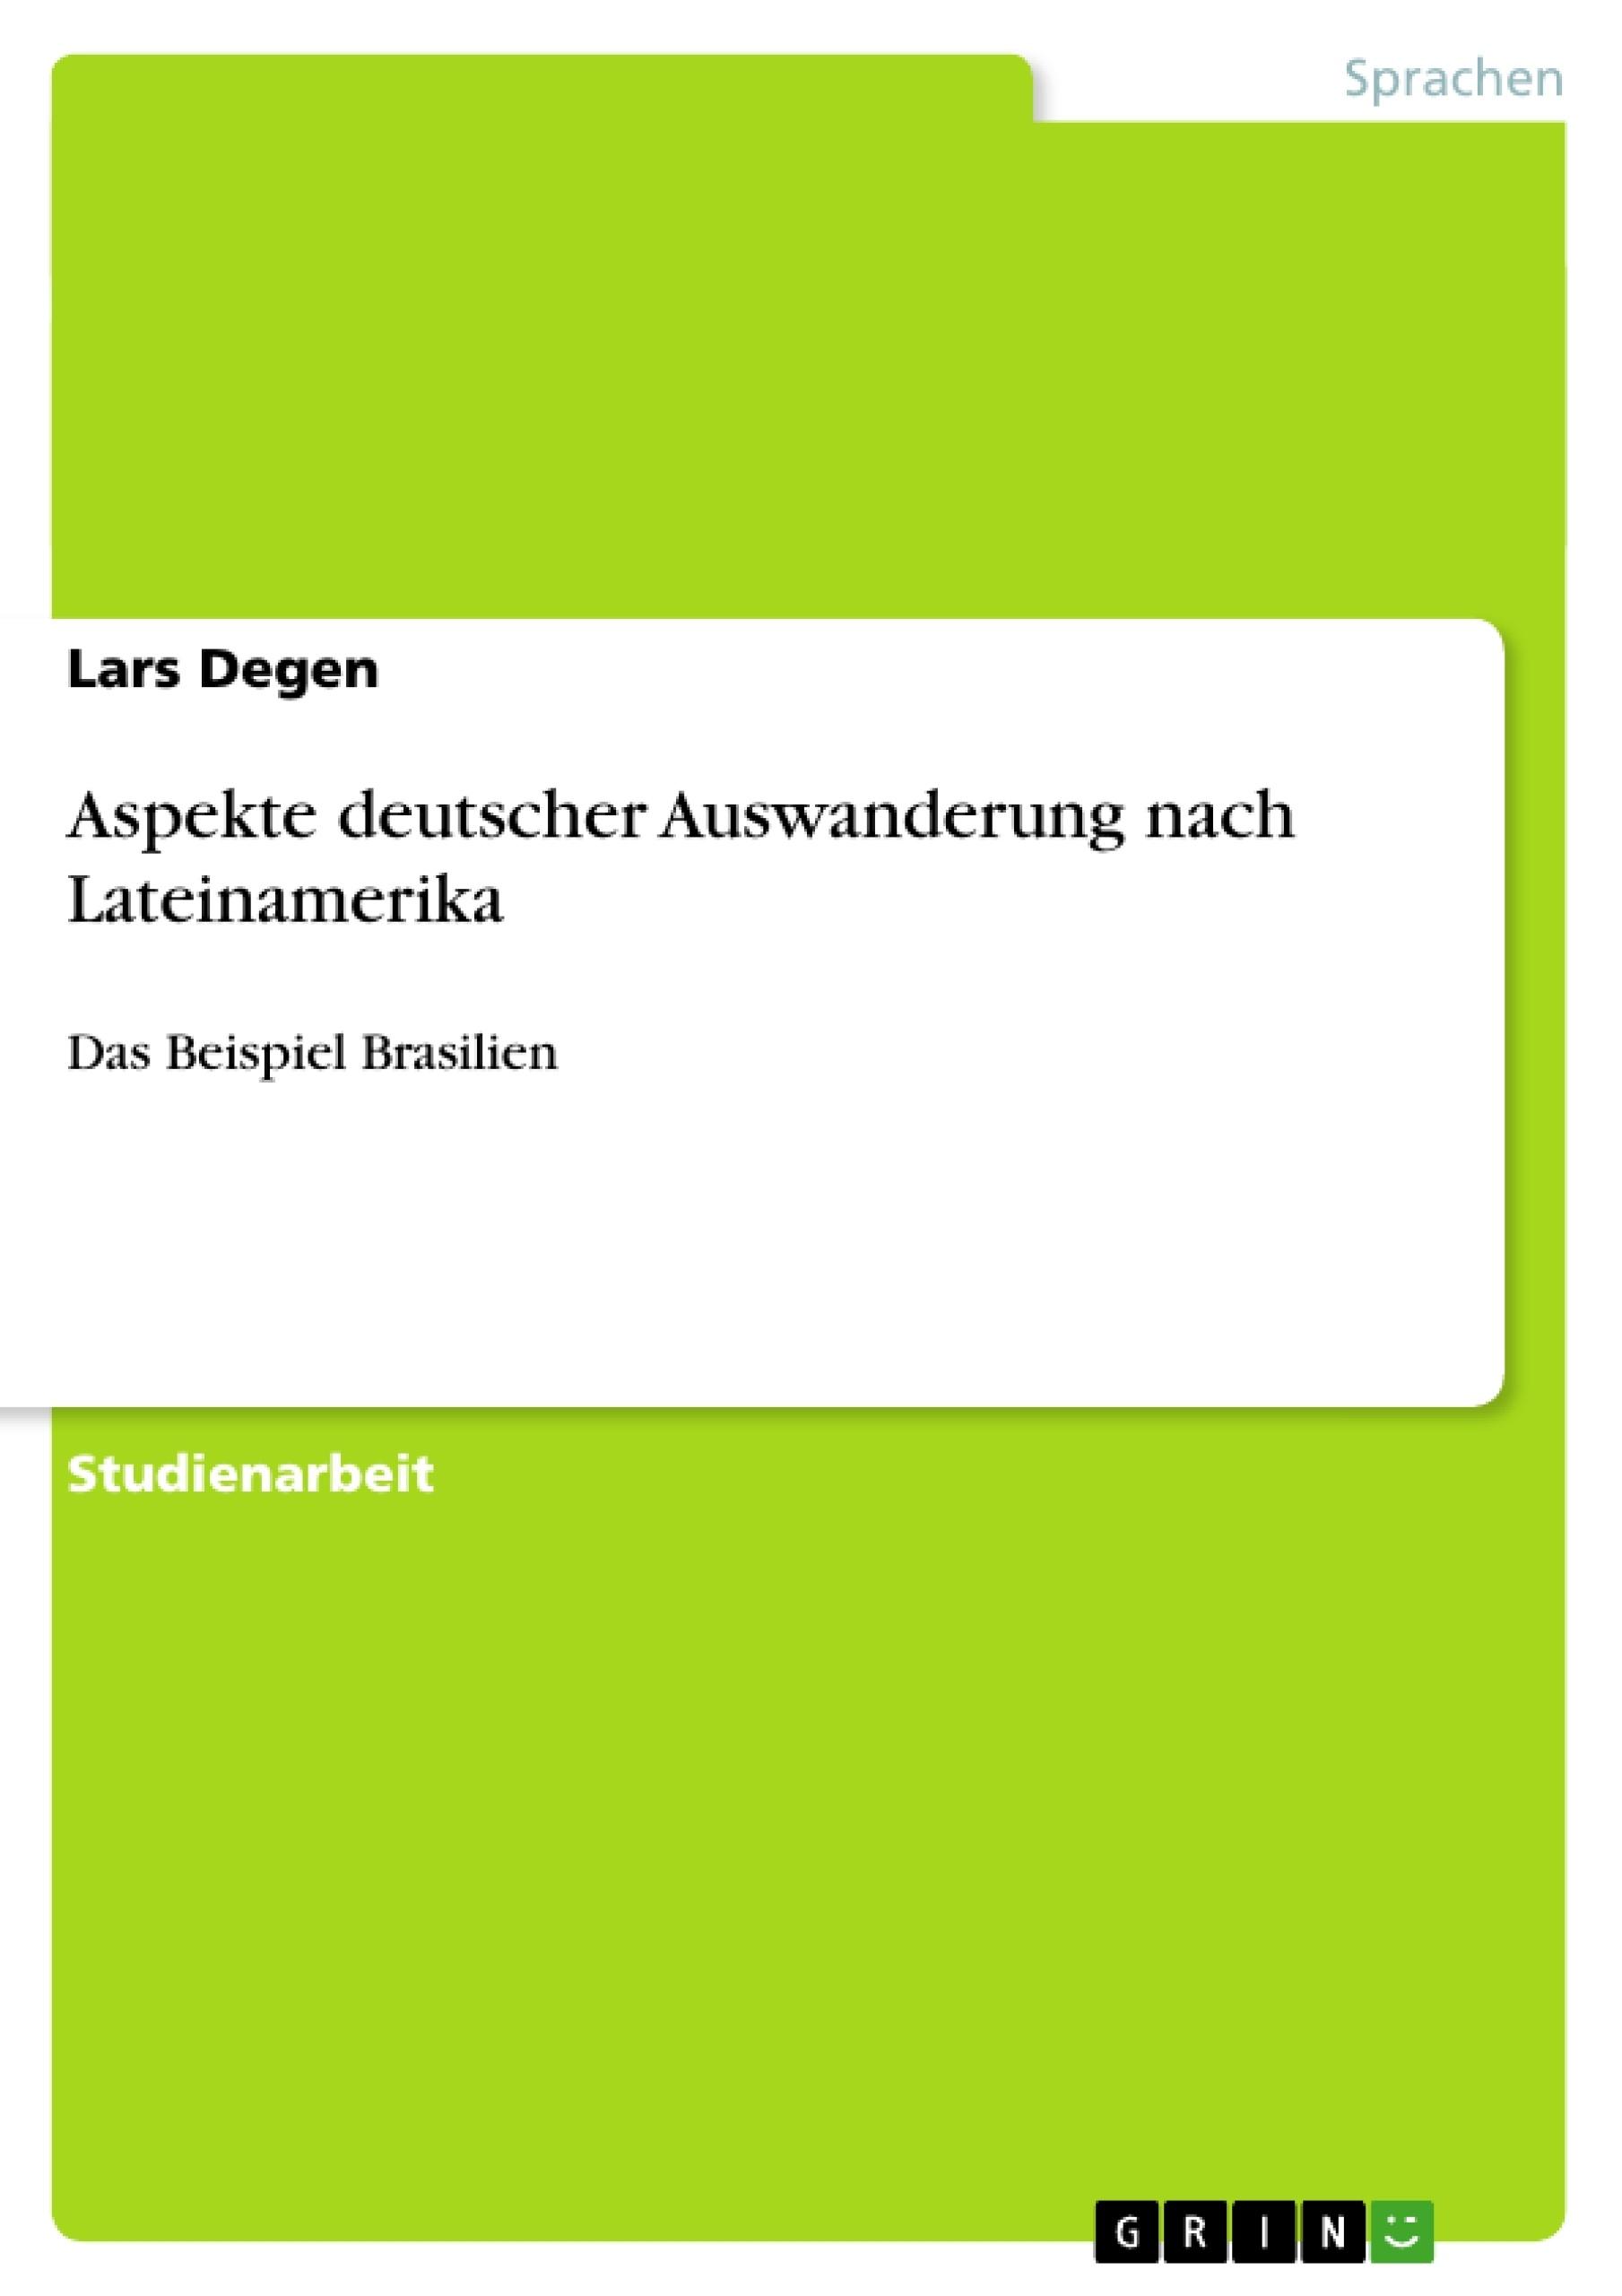 Titel: Aspekte deutscher Auswanderung nach Lateinamerika